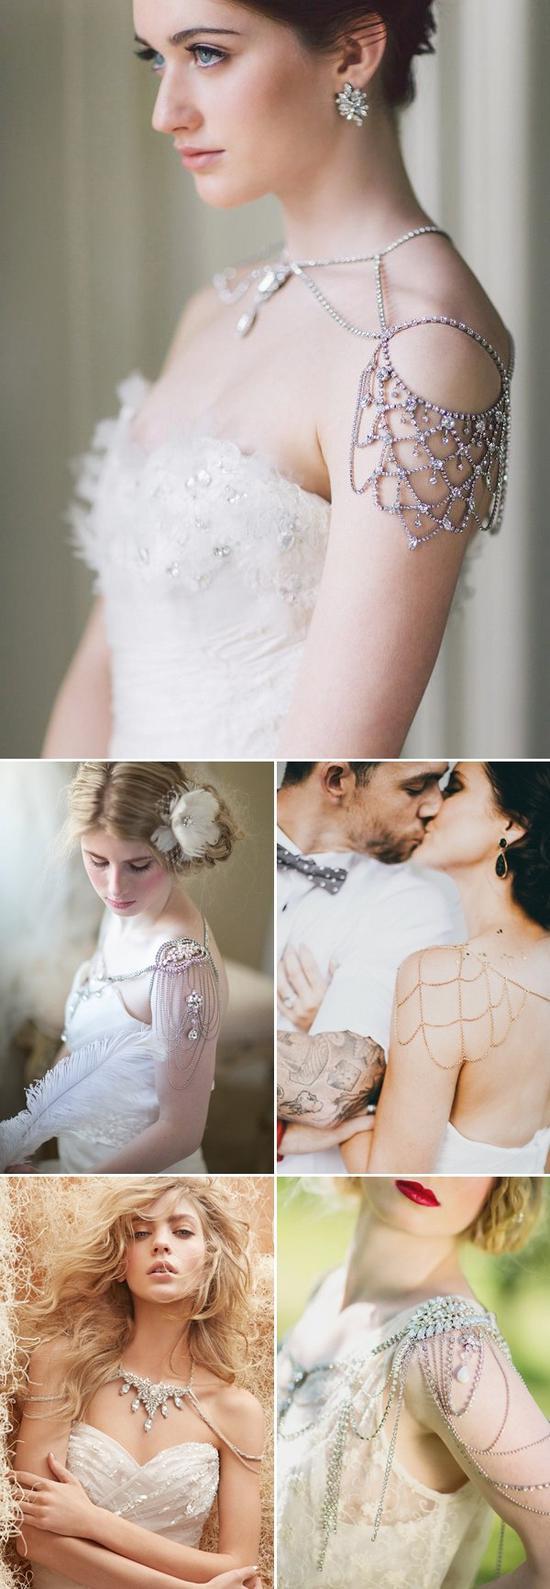 15款肩饰让你成为绝美新娘